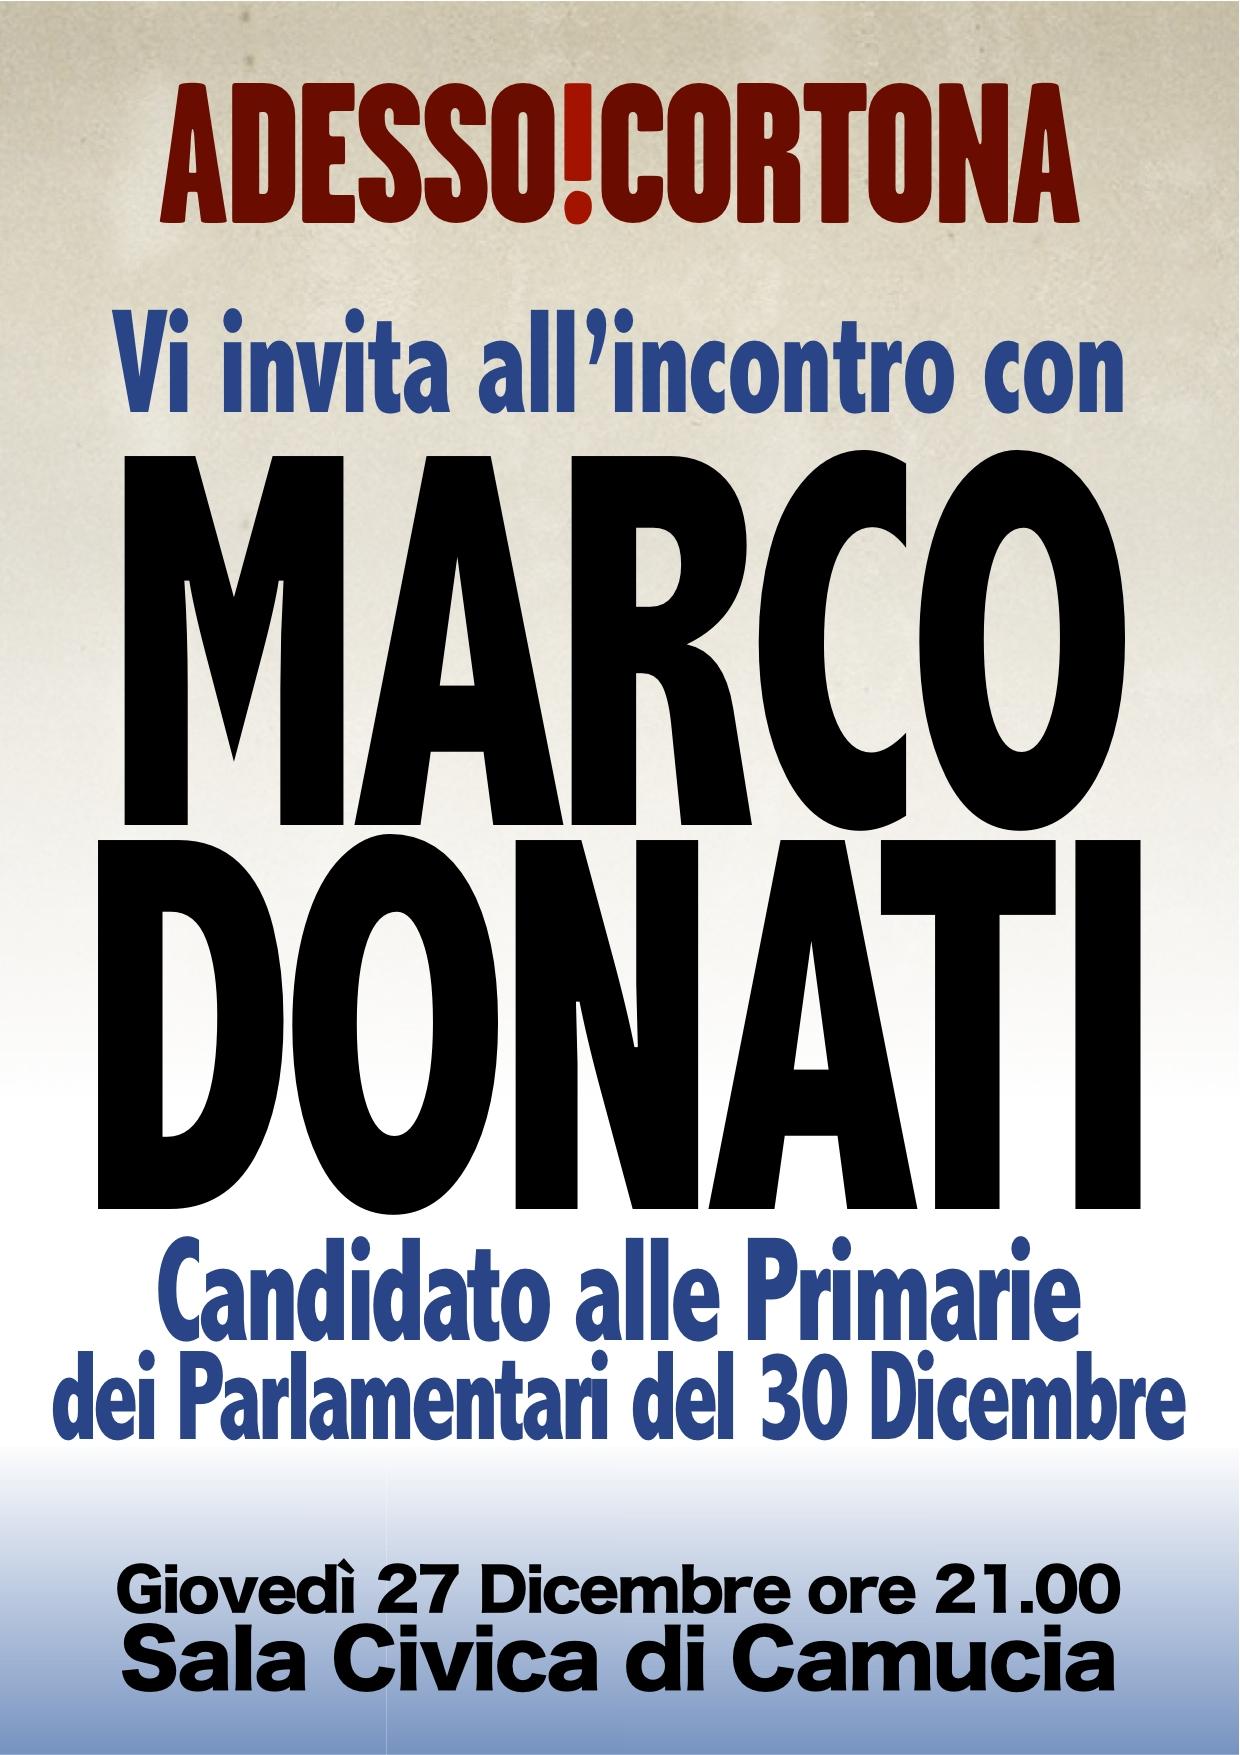 Sostegno del Comitato Renzi cortonese a Marco Donati